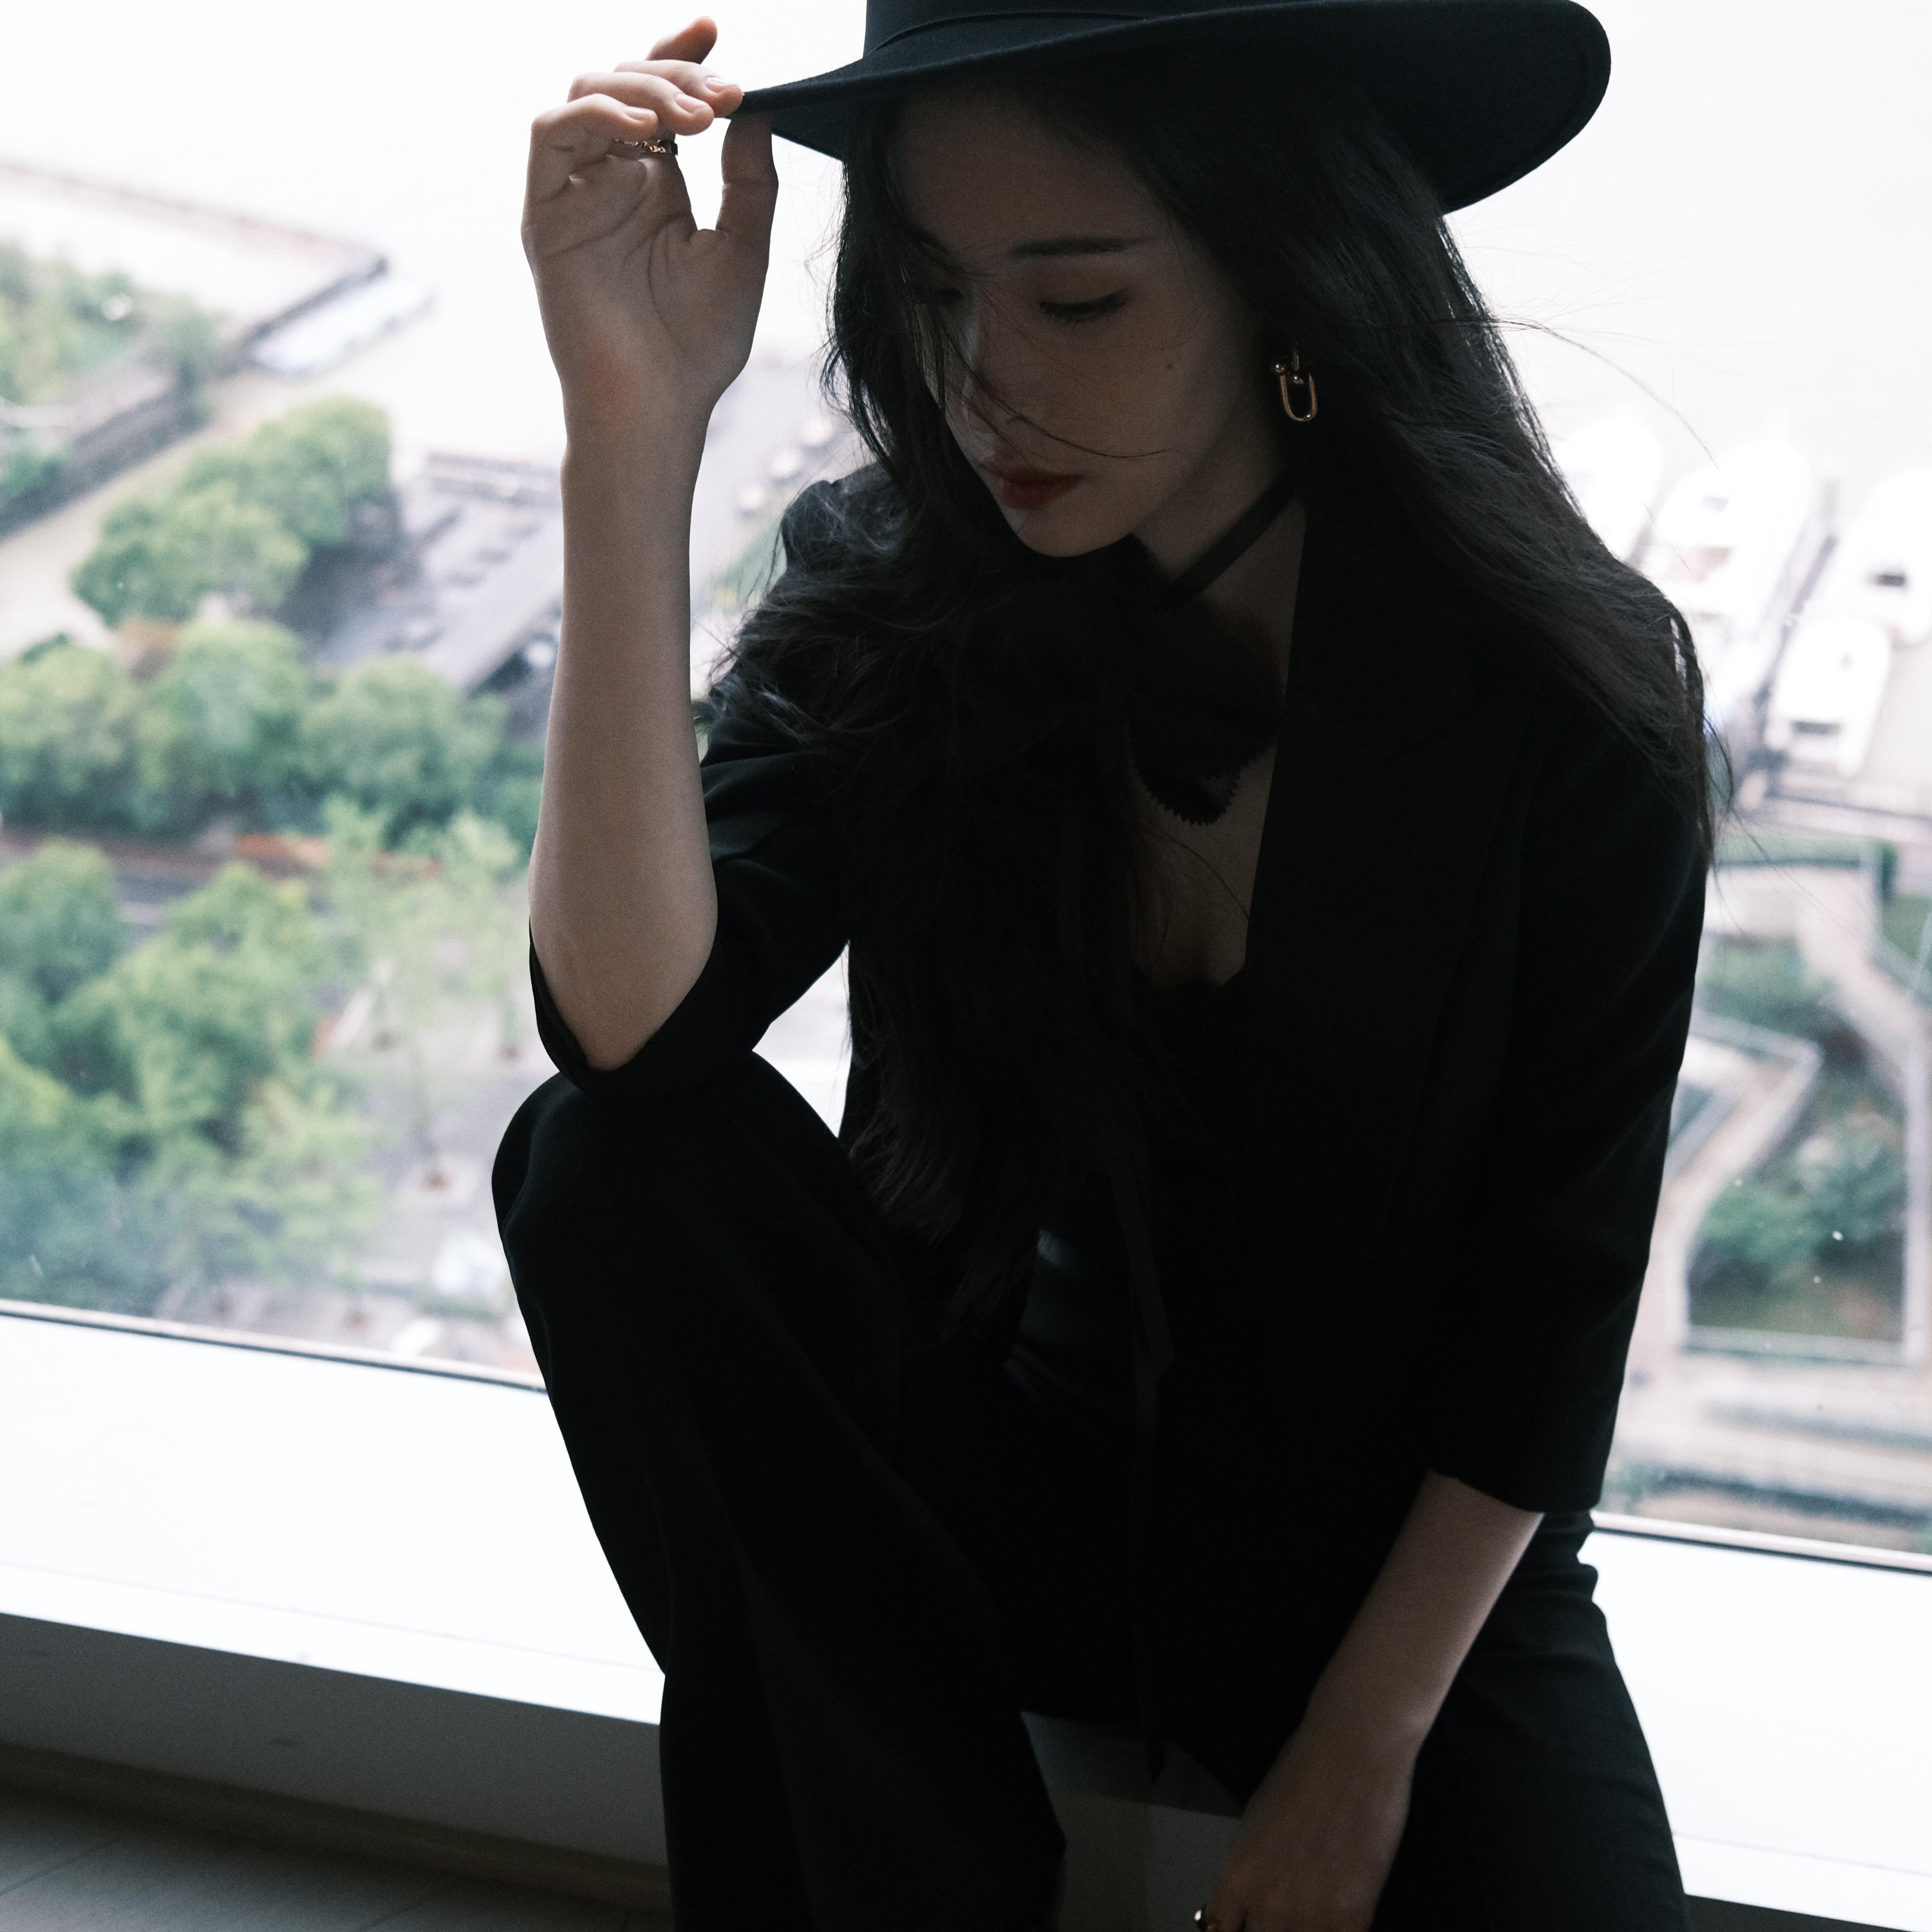 张碧晨亮相嘉人女性影响力之夜 黑色西服套装酷飒十足